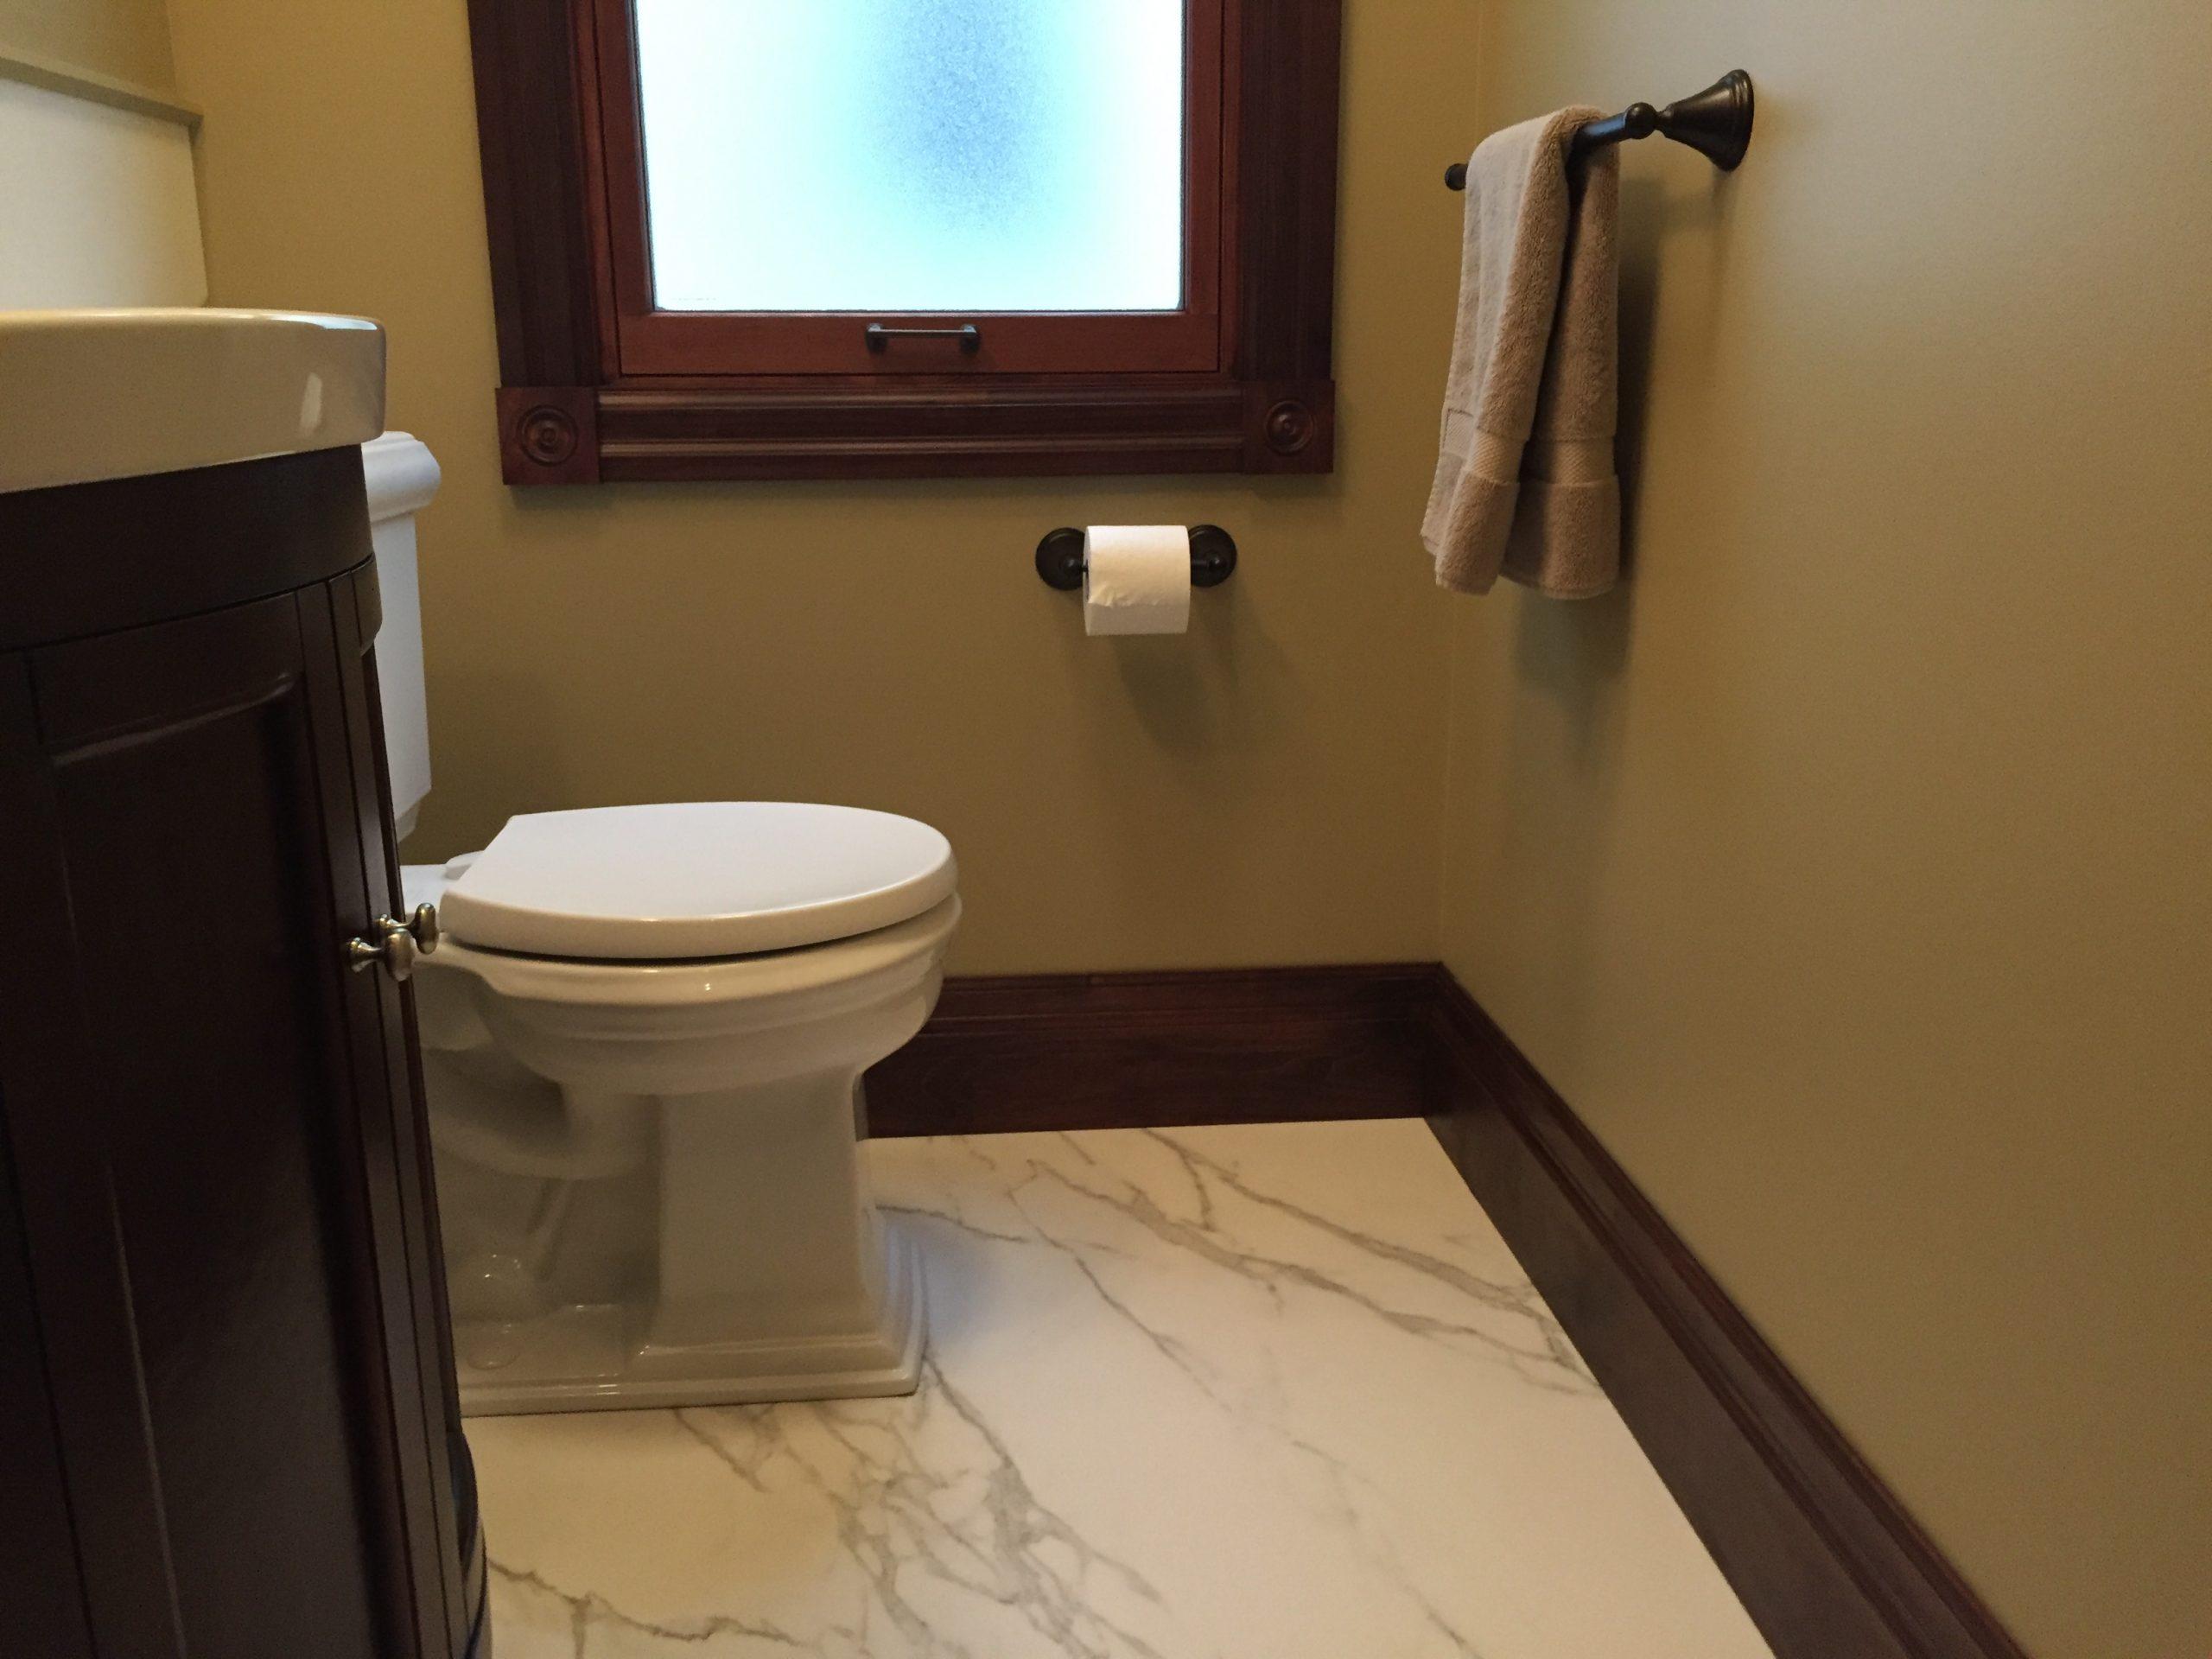 Bathroom Neolith Calacatta Marble Trend Marble